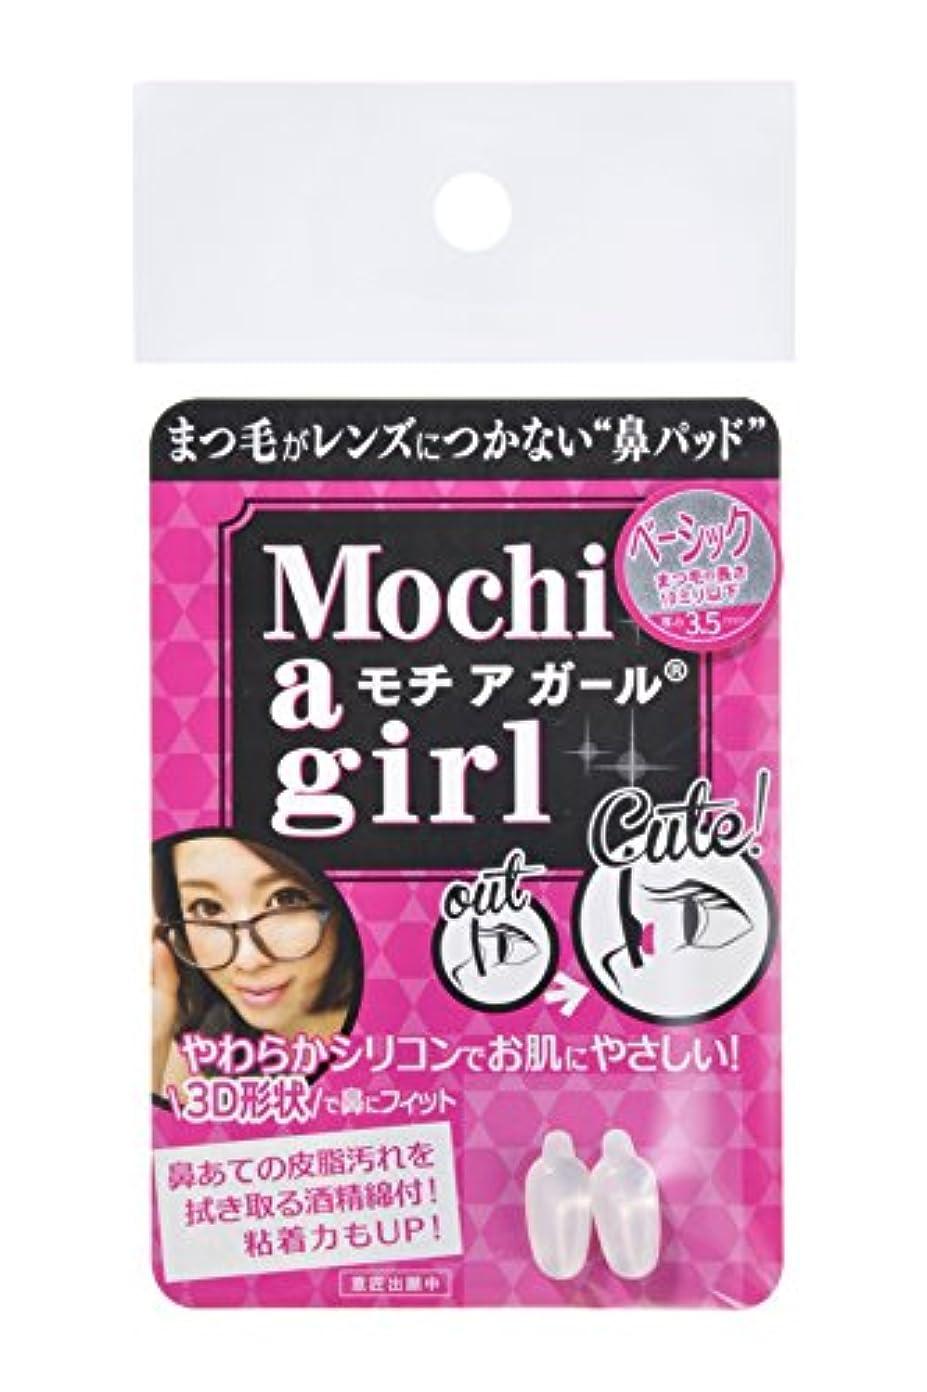 サラダ素人無傷モチアガール® ベーシック 【厚み3.5mm】